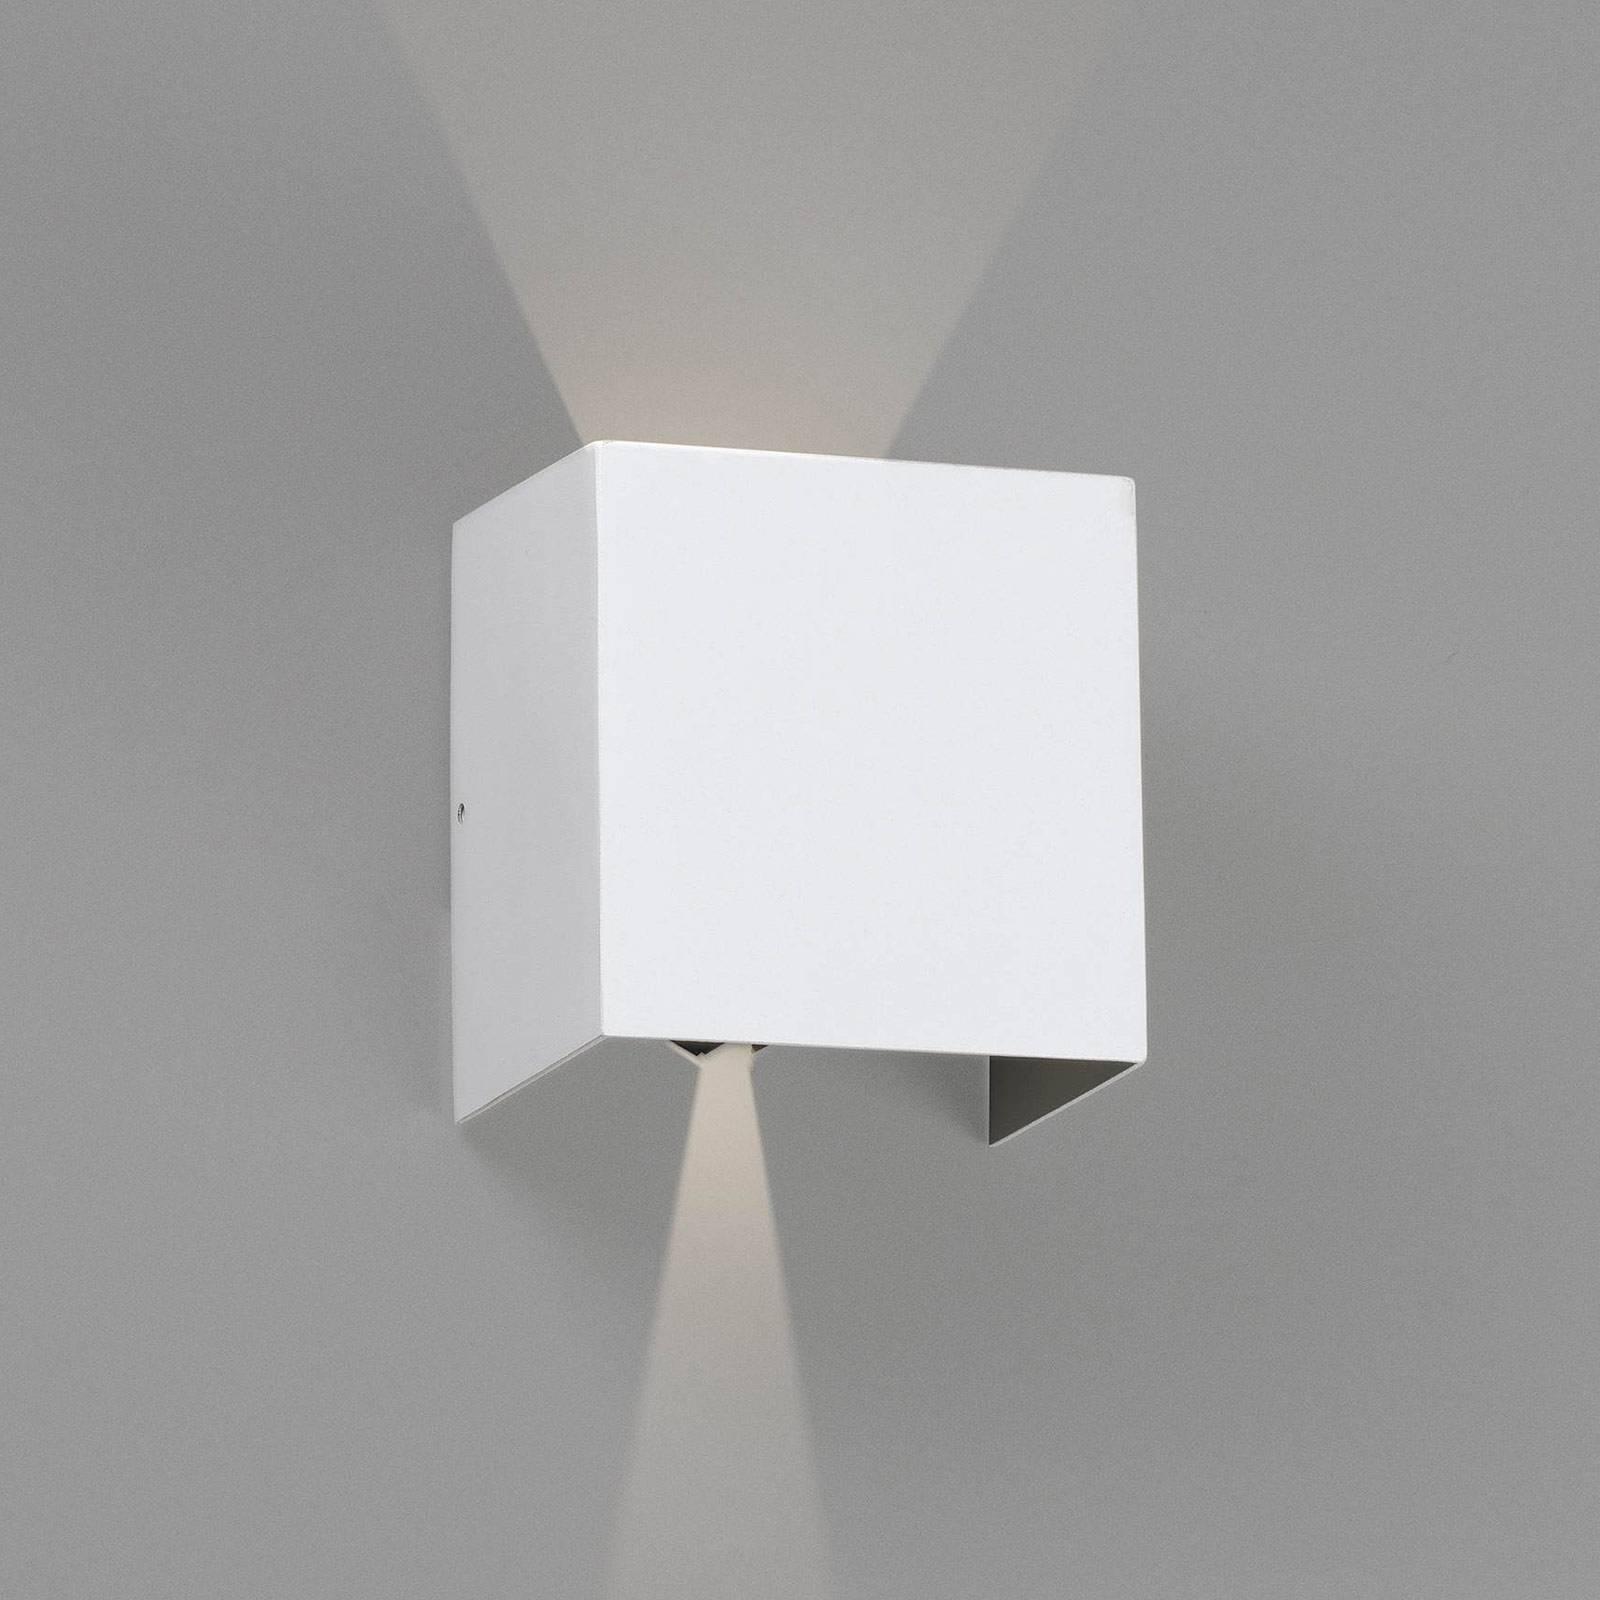 LED-ulkoseinälamppu Olan, valkoinen